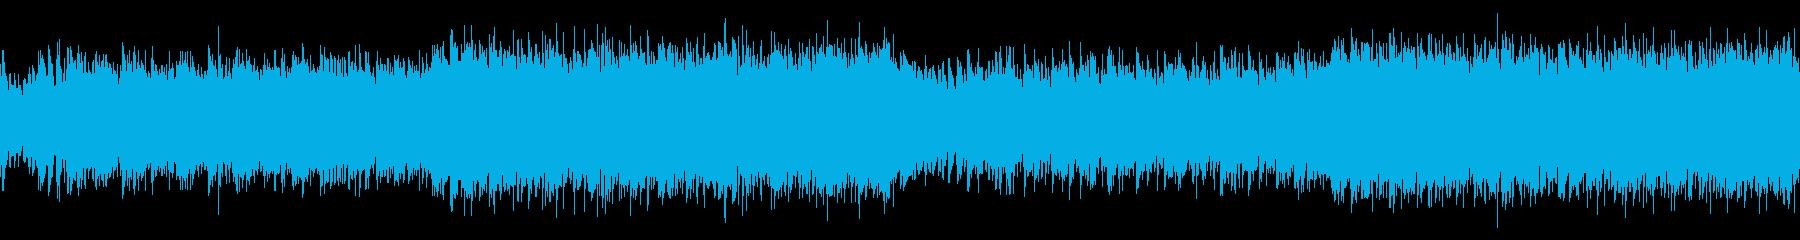 ループ・躍動的なフラメンコEDMの再生済みの波形